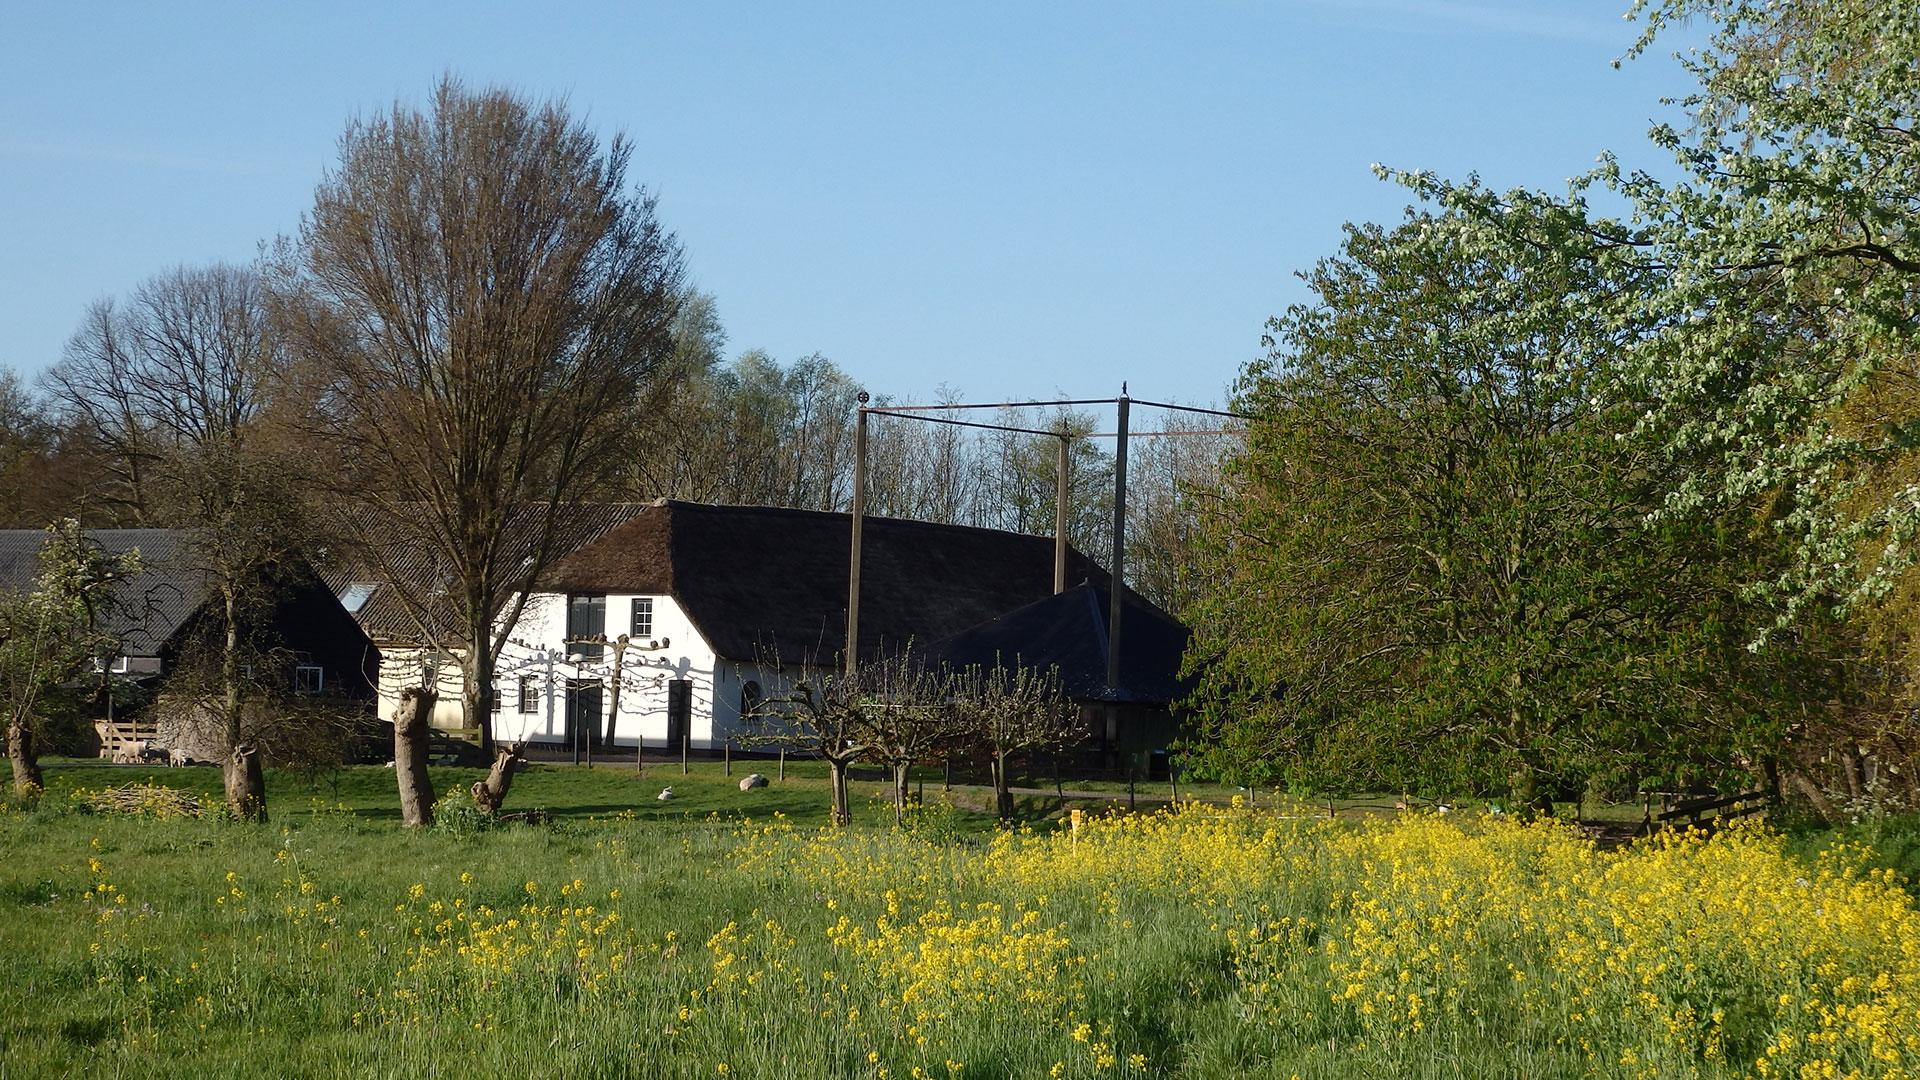 uitzicht op de boerderij van B&B 't Kraaijenest met rechts de hooiberg en links de boerderij en bloeiend koolzaad in de voorgrond in Midden-Delfland